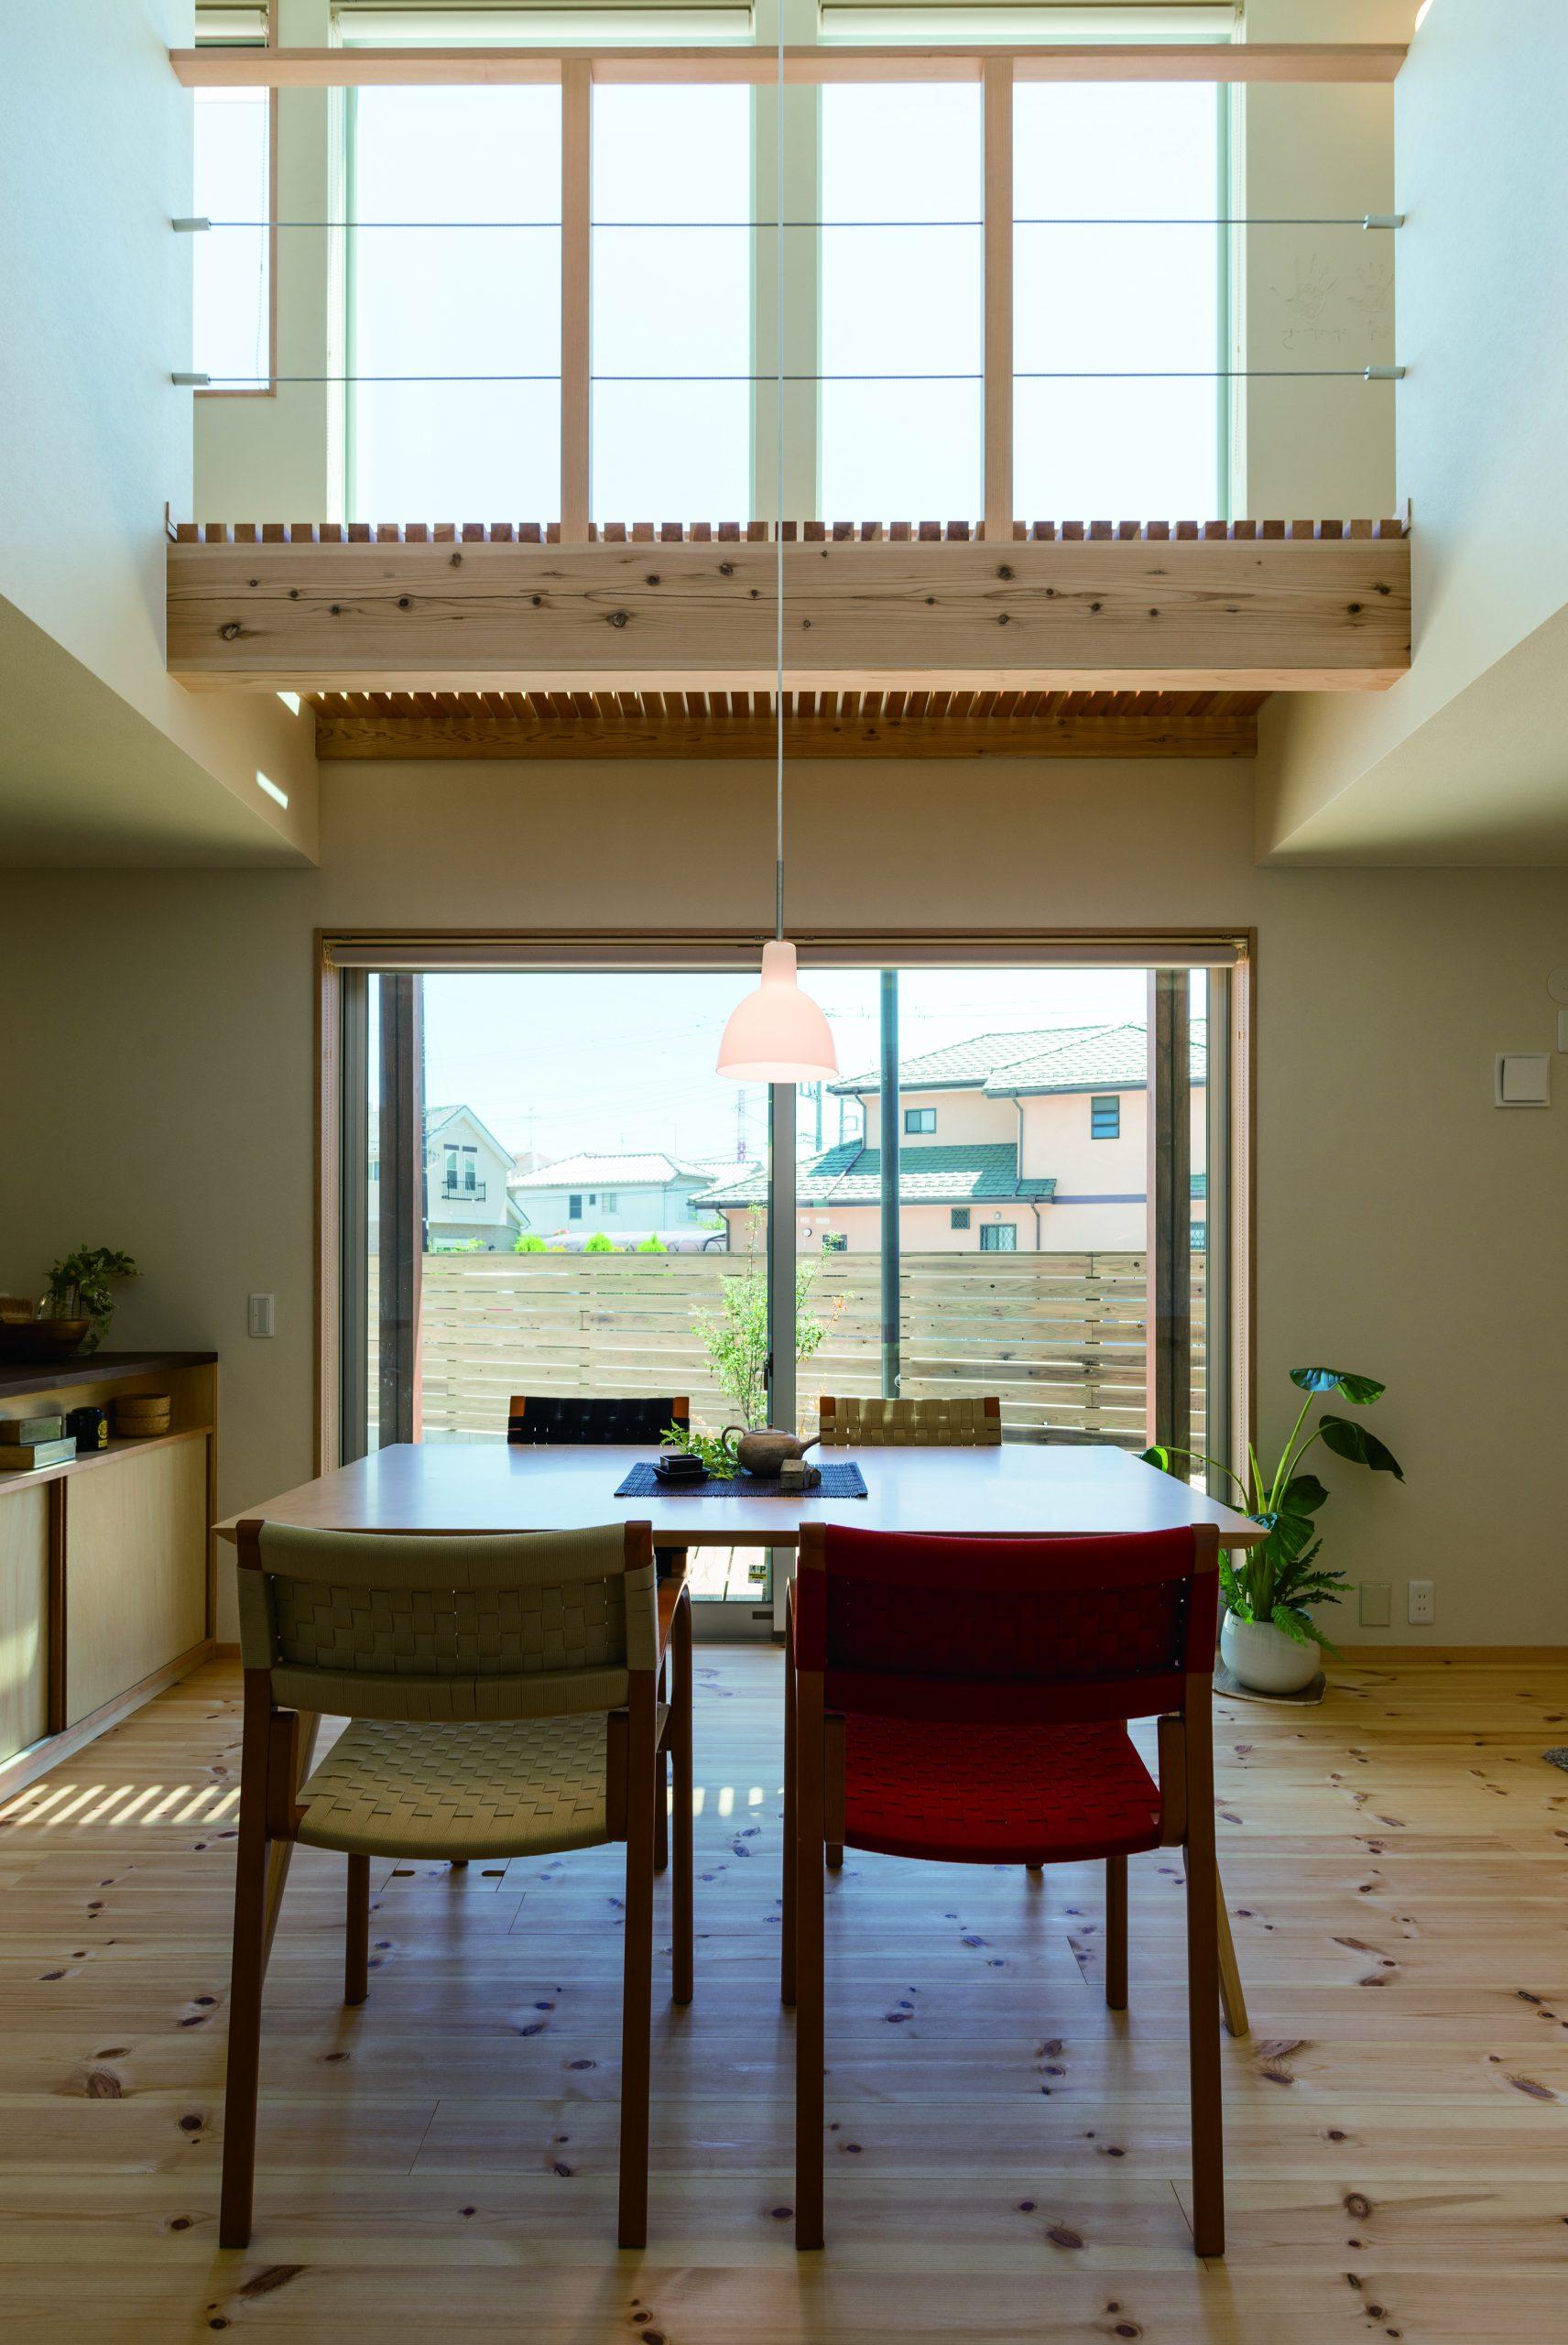 中庭のある家の間取り図:吹き抜けの空間と中庭のウッドデッキがつながる間取りはリビングに開放感をもたらしています